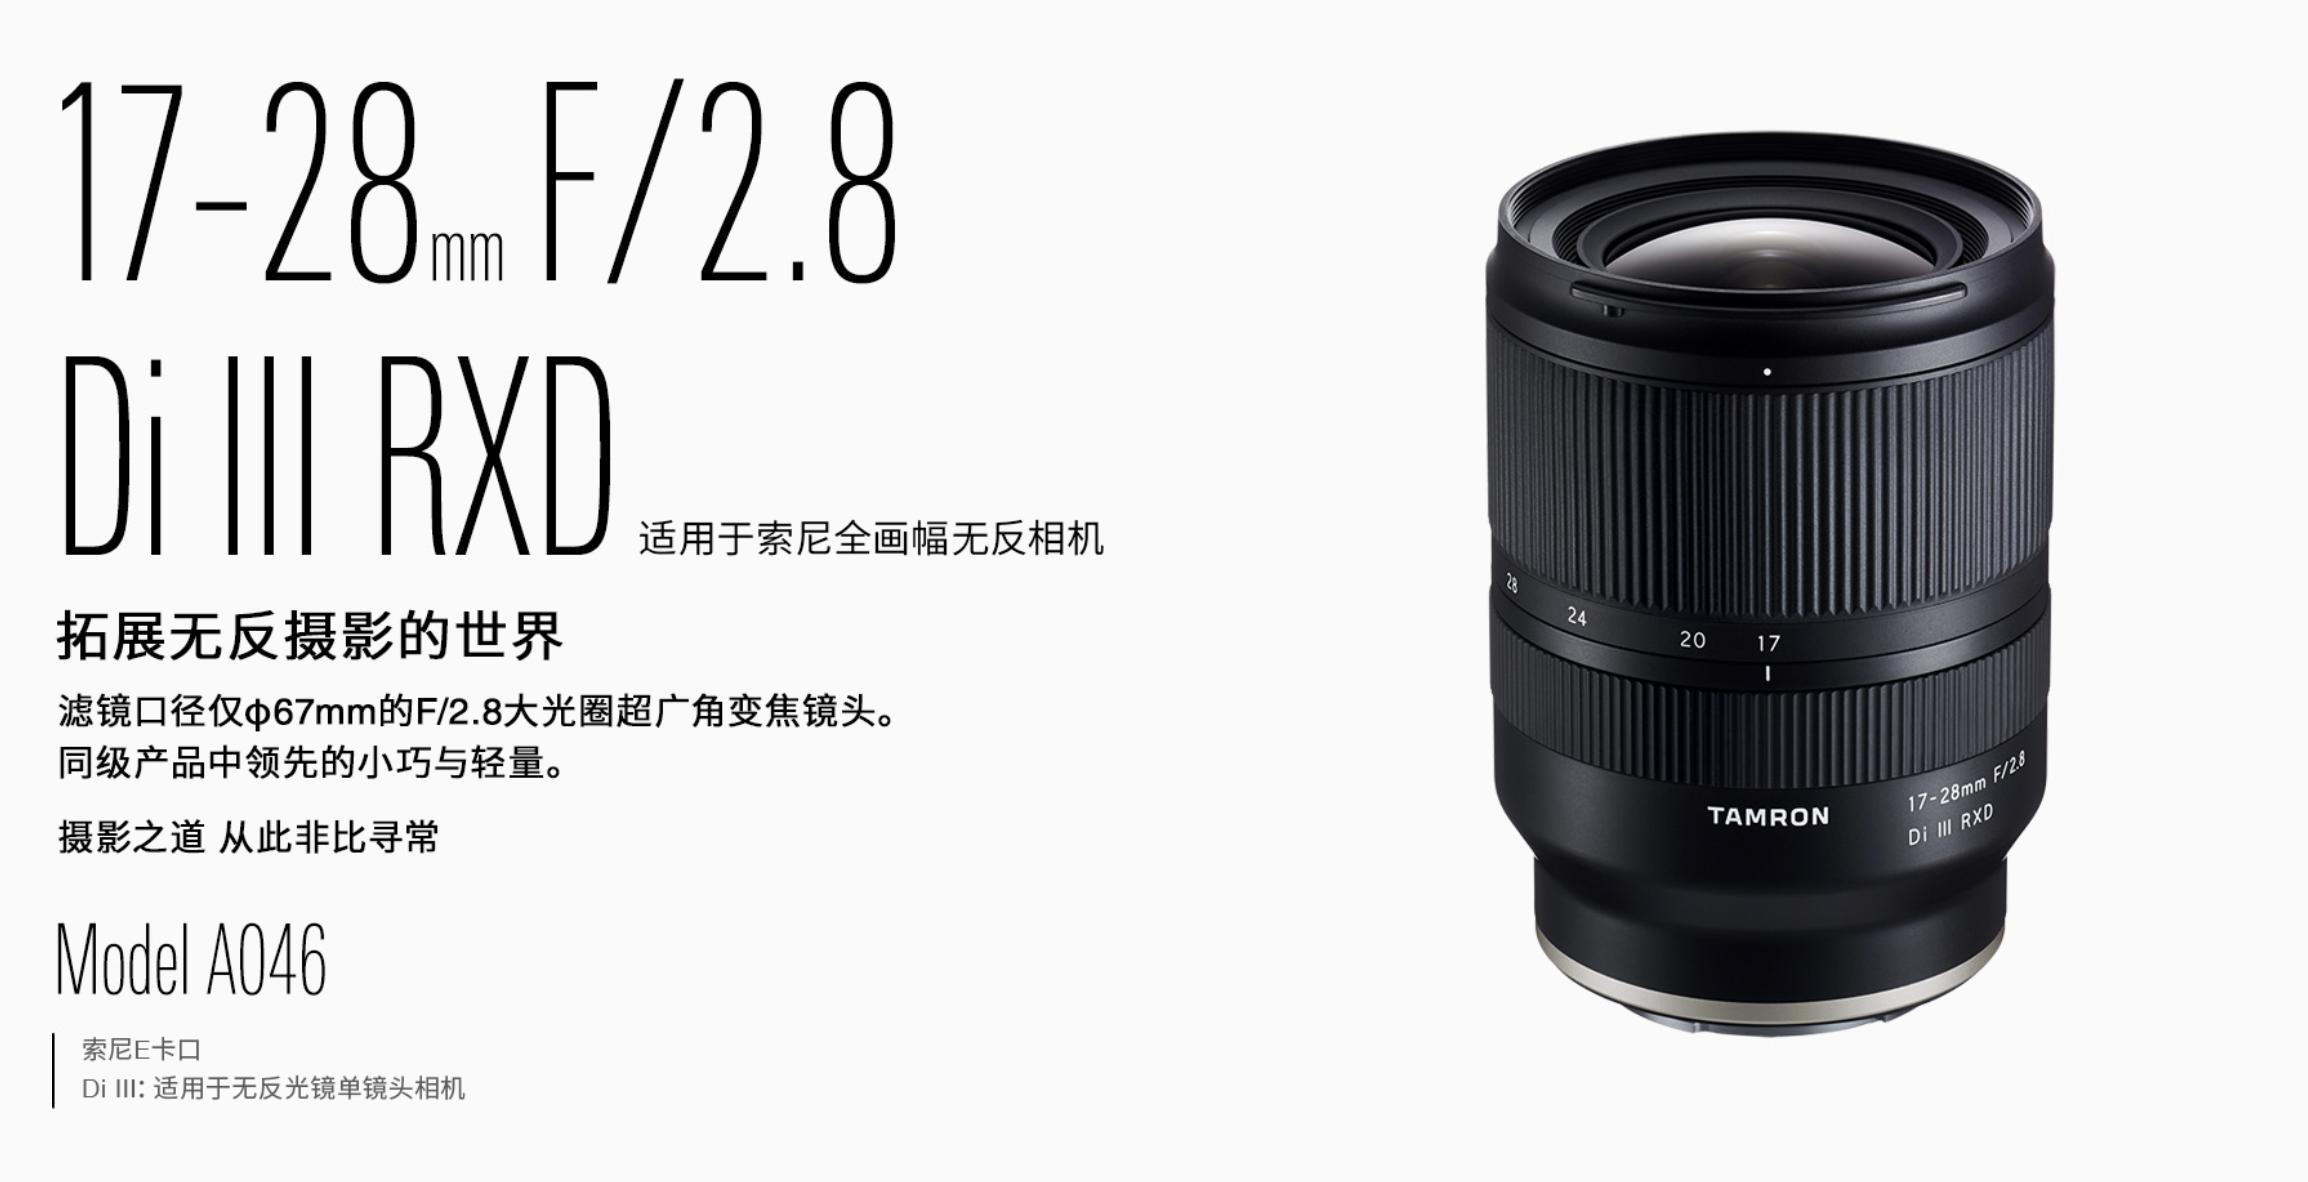 还未开售,就涨价八百?腾龙17-28mm F2.8即将开卖